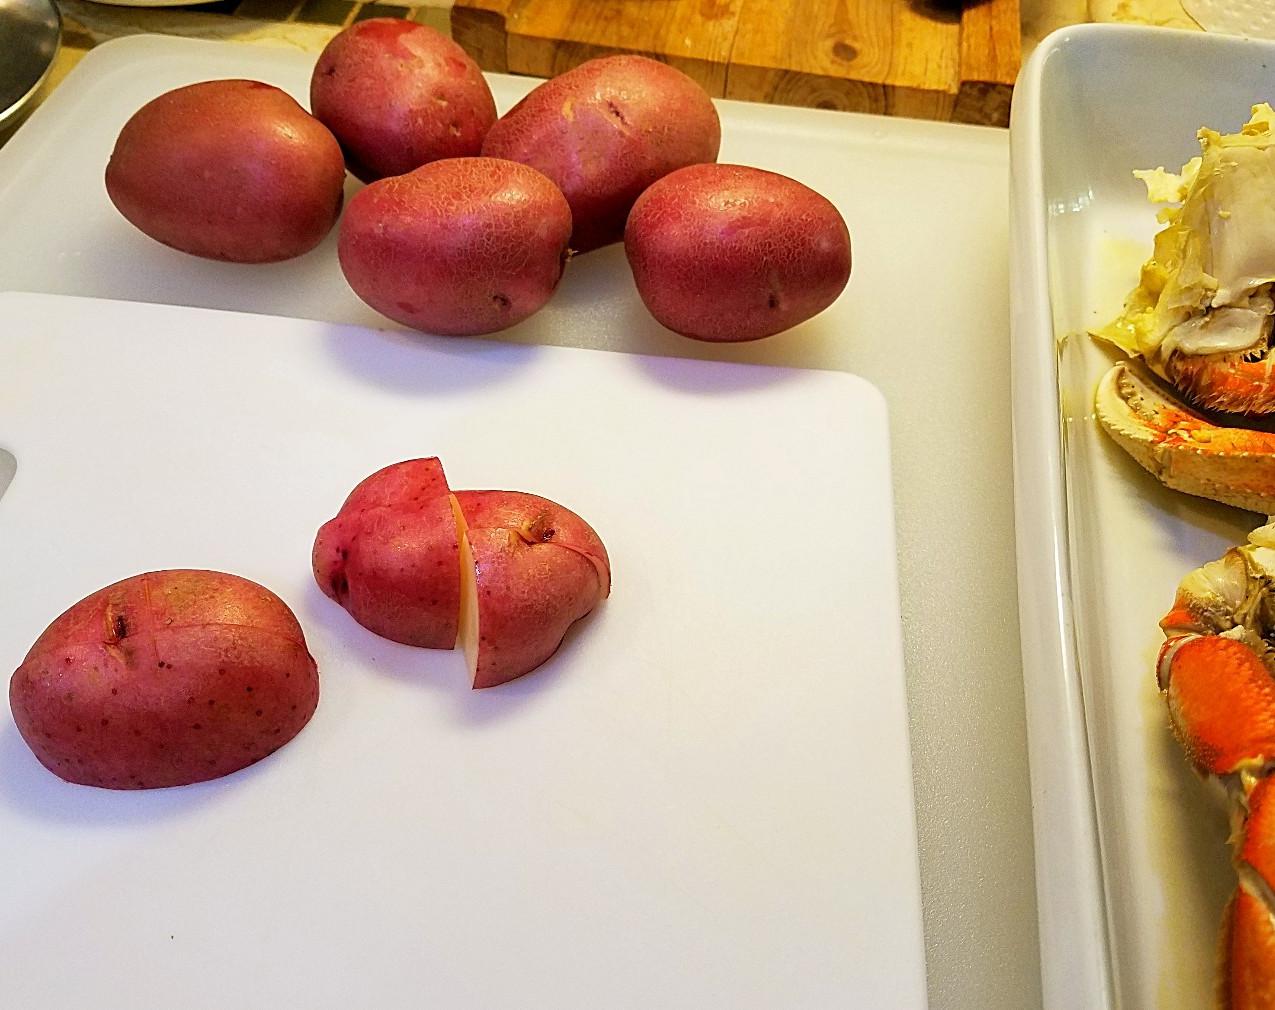 quartering 7 potatoes